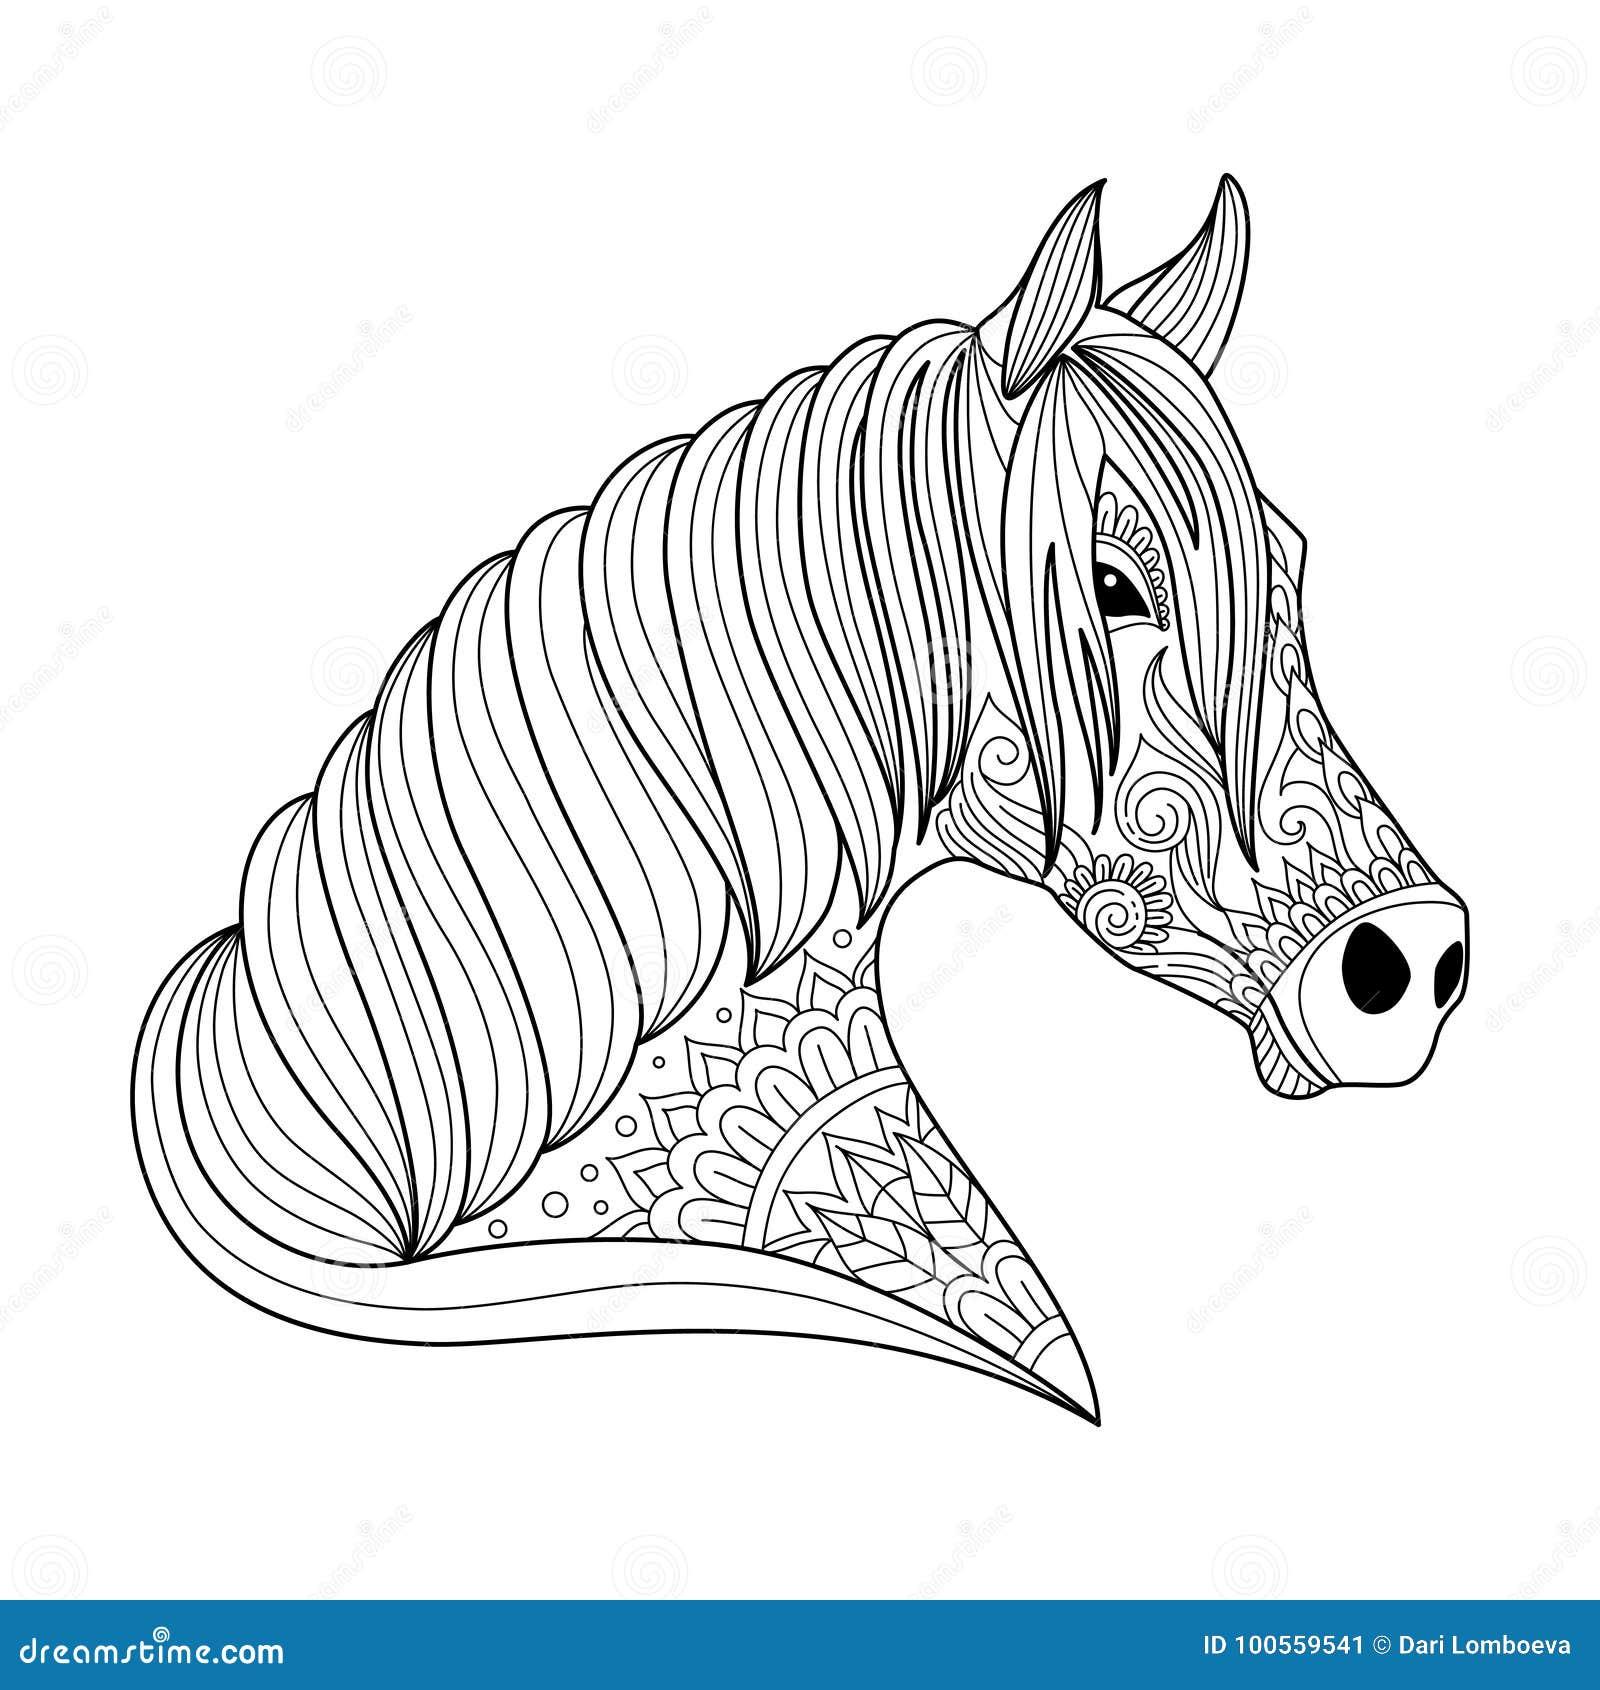 Disegni Da Colorare Testa Di Cavallo.Stile Dello Zentangle Del Cavallo Del Disegno Per L Adulto Ed Il Libro Da Colorare Dei Bambini Tatuaggio Progettazione Della Ca Illustrazione Vettoriale Illustrazione Di Testa Magia 100559541